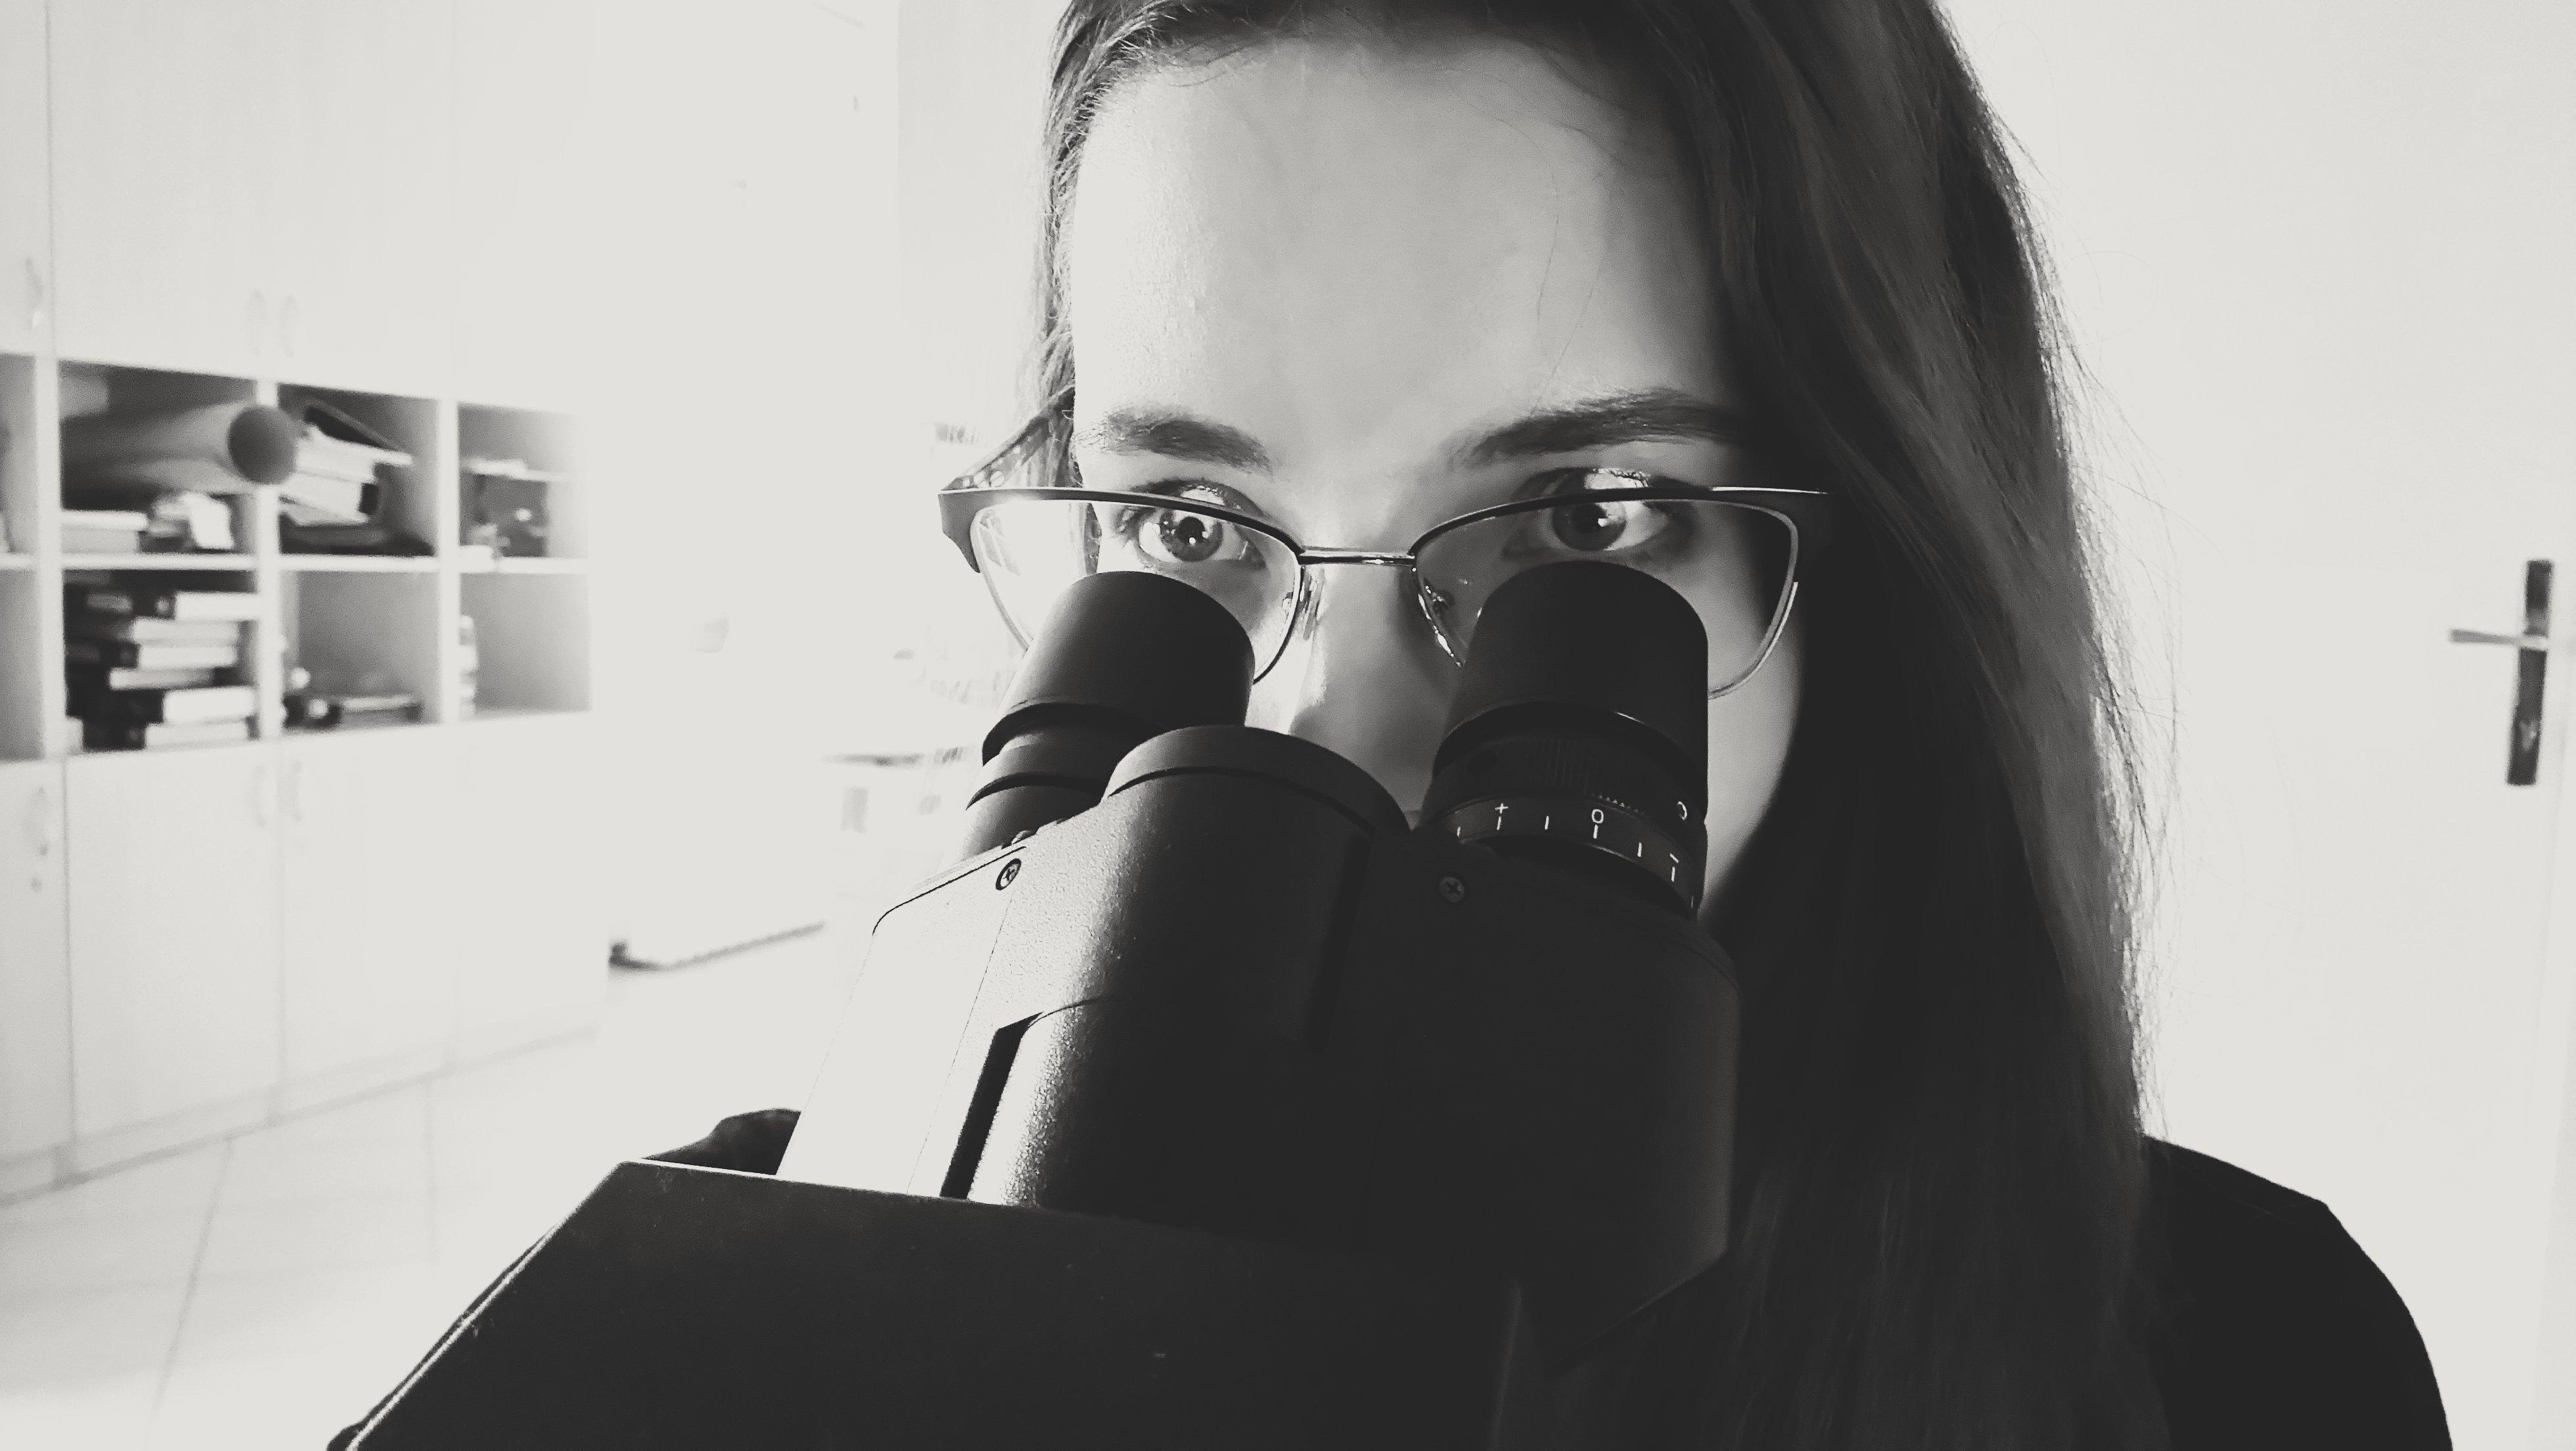 Nagyon unom, hogy a mai napig vicc tárgya, hogy a betegeim halottak - Interjú egy patológus beauty bloggerrel